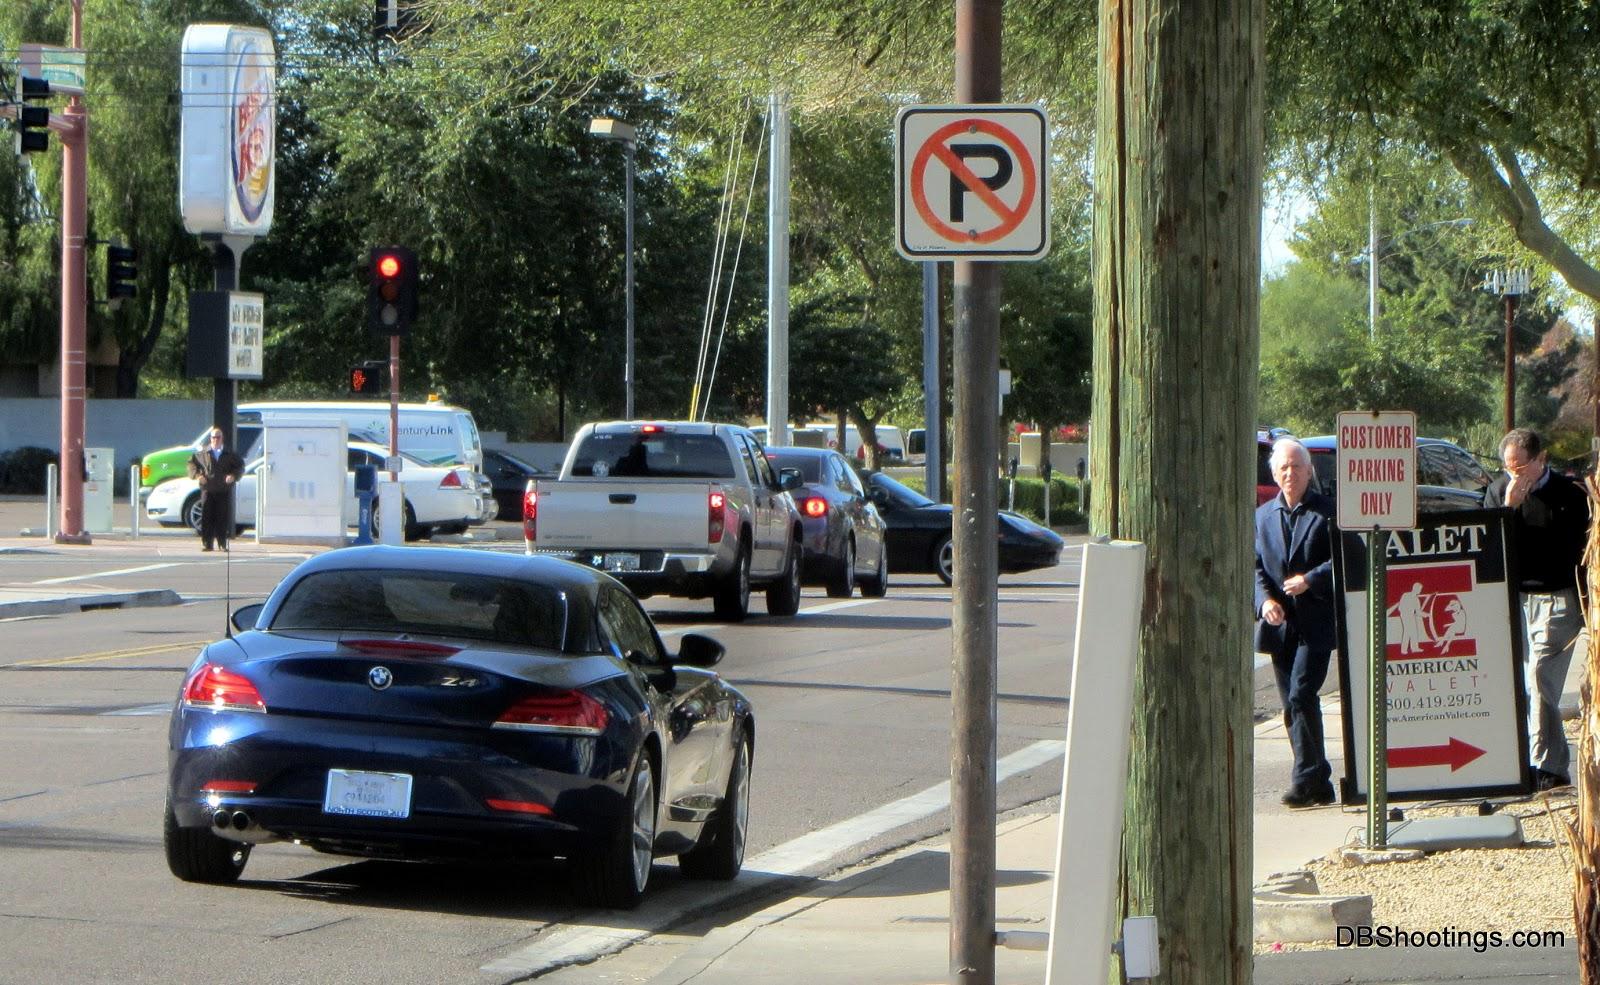 BMW Z4 parking violation